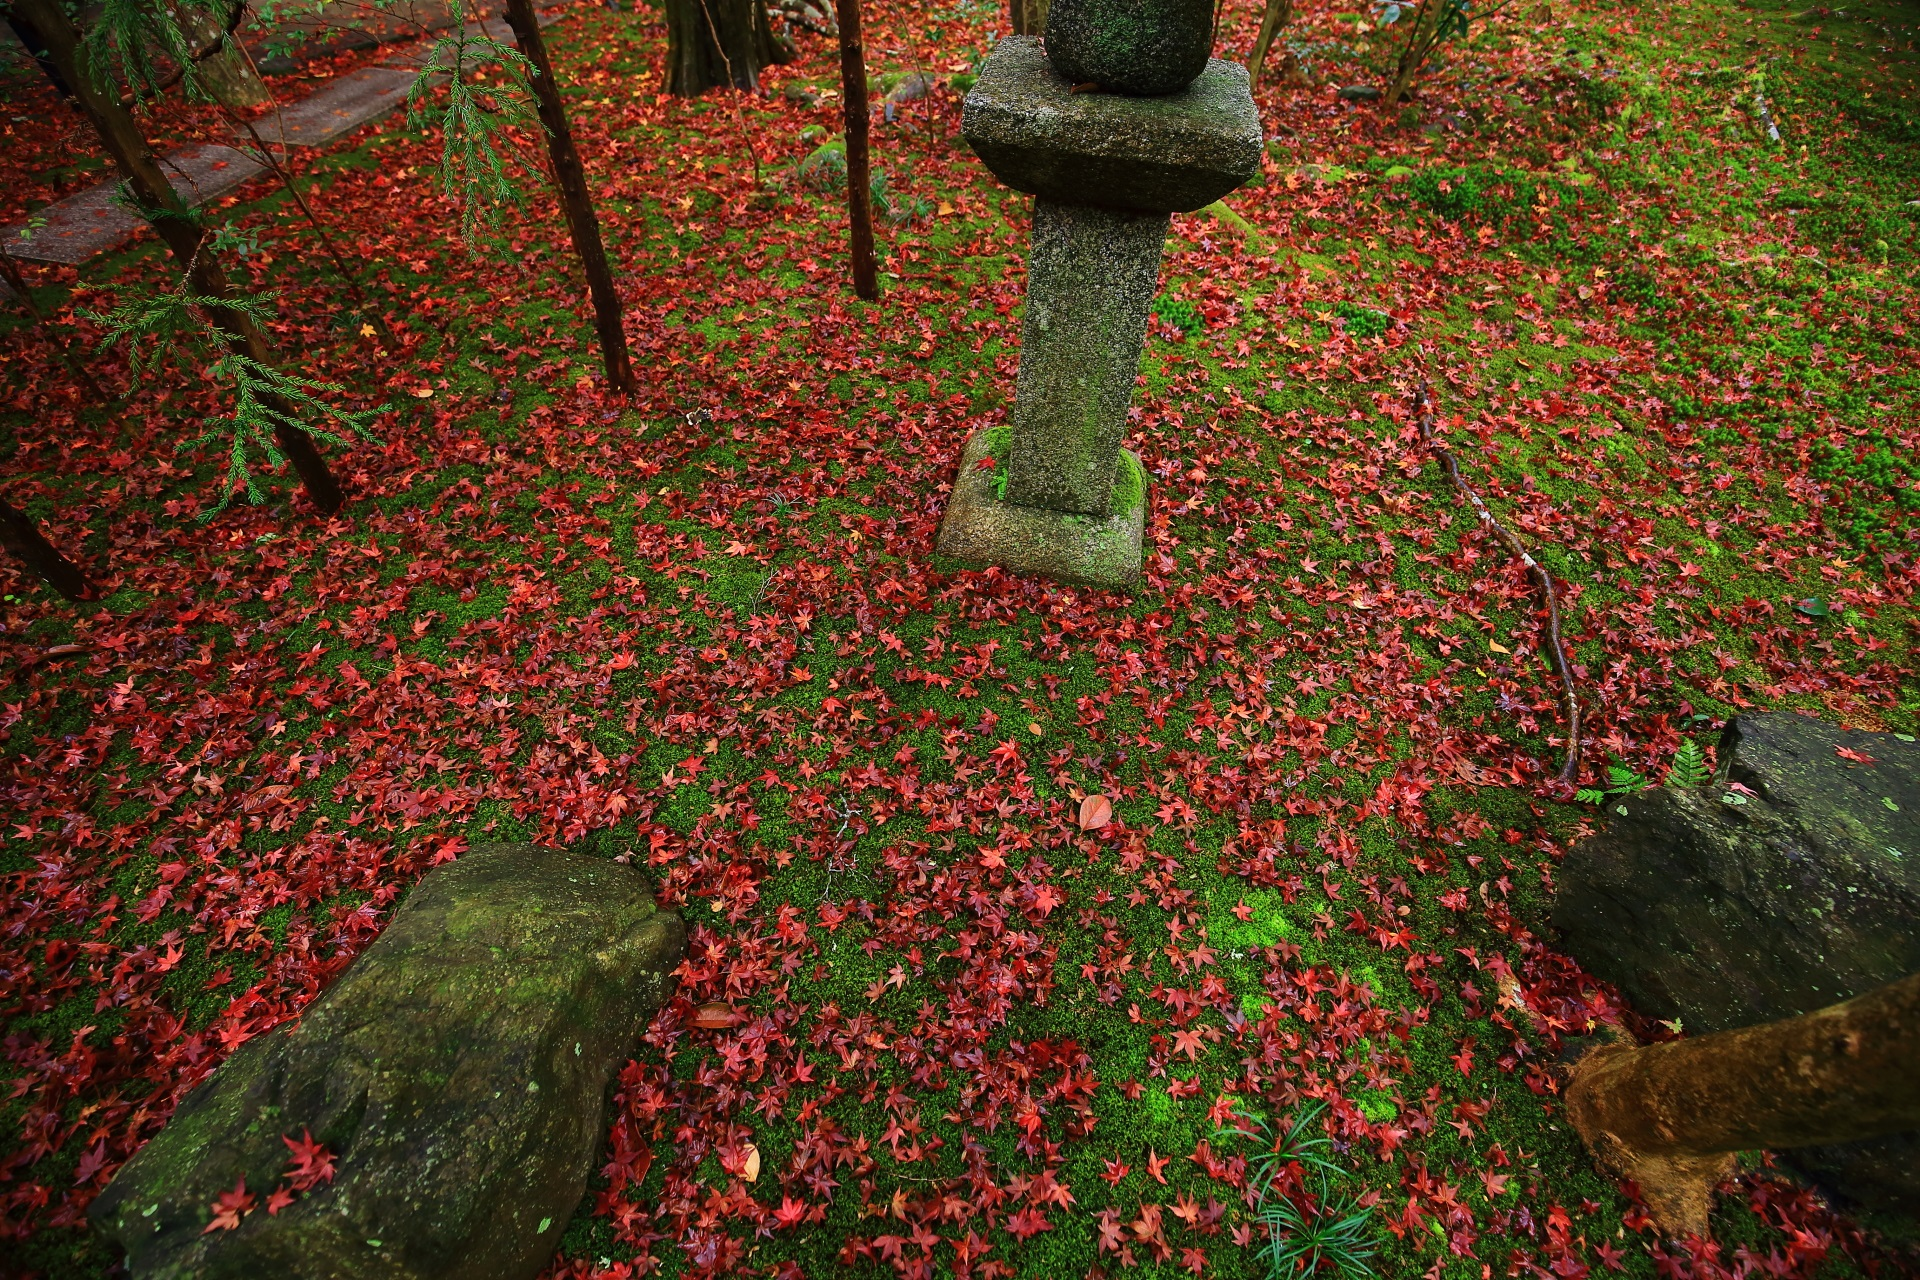 燈籠の廻りの一面の散り紅葉